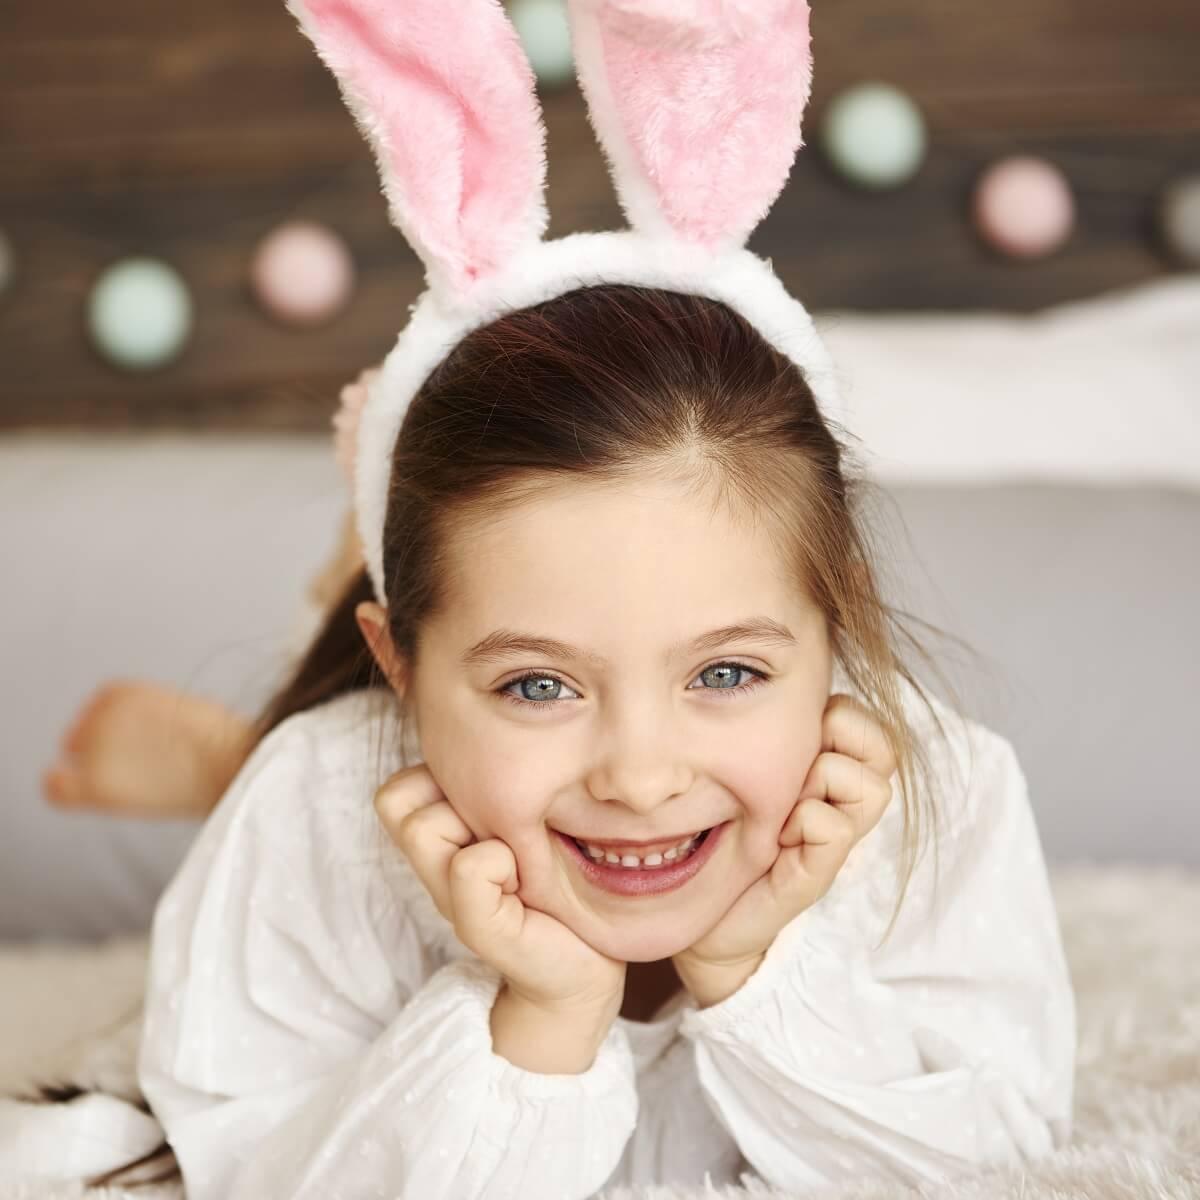 子供がウサギの耳を付けている様子。